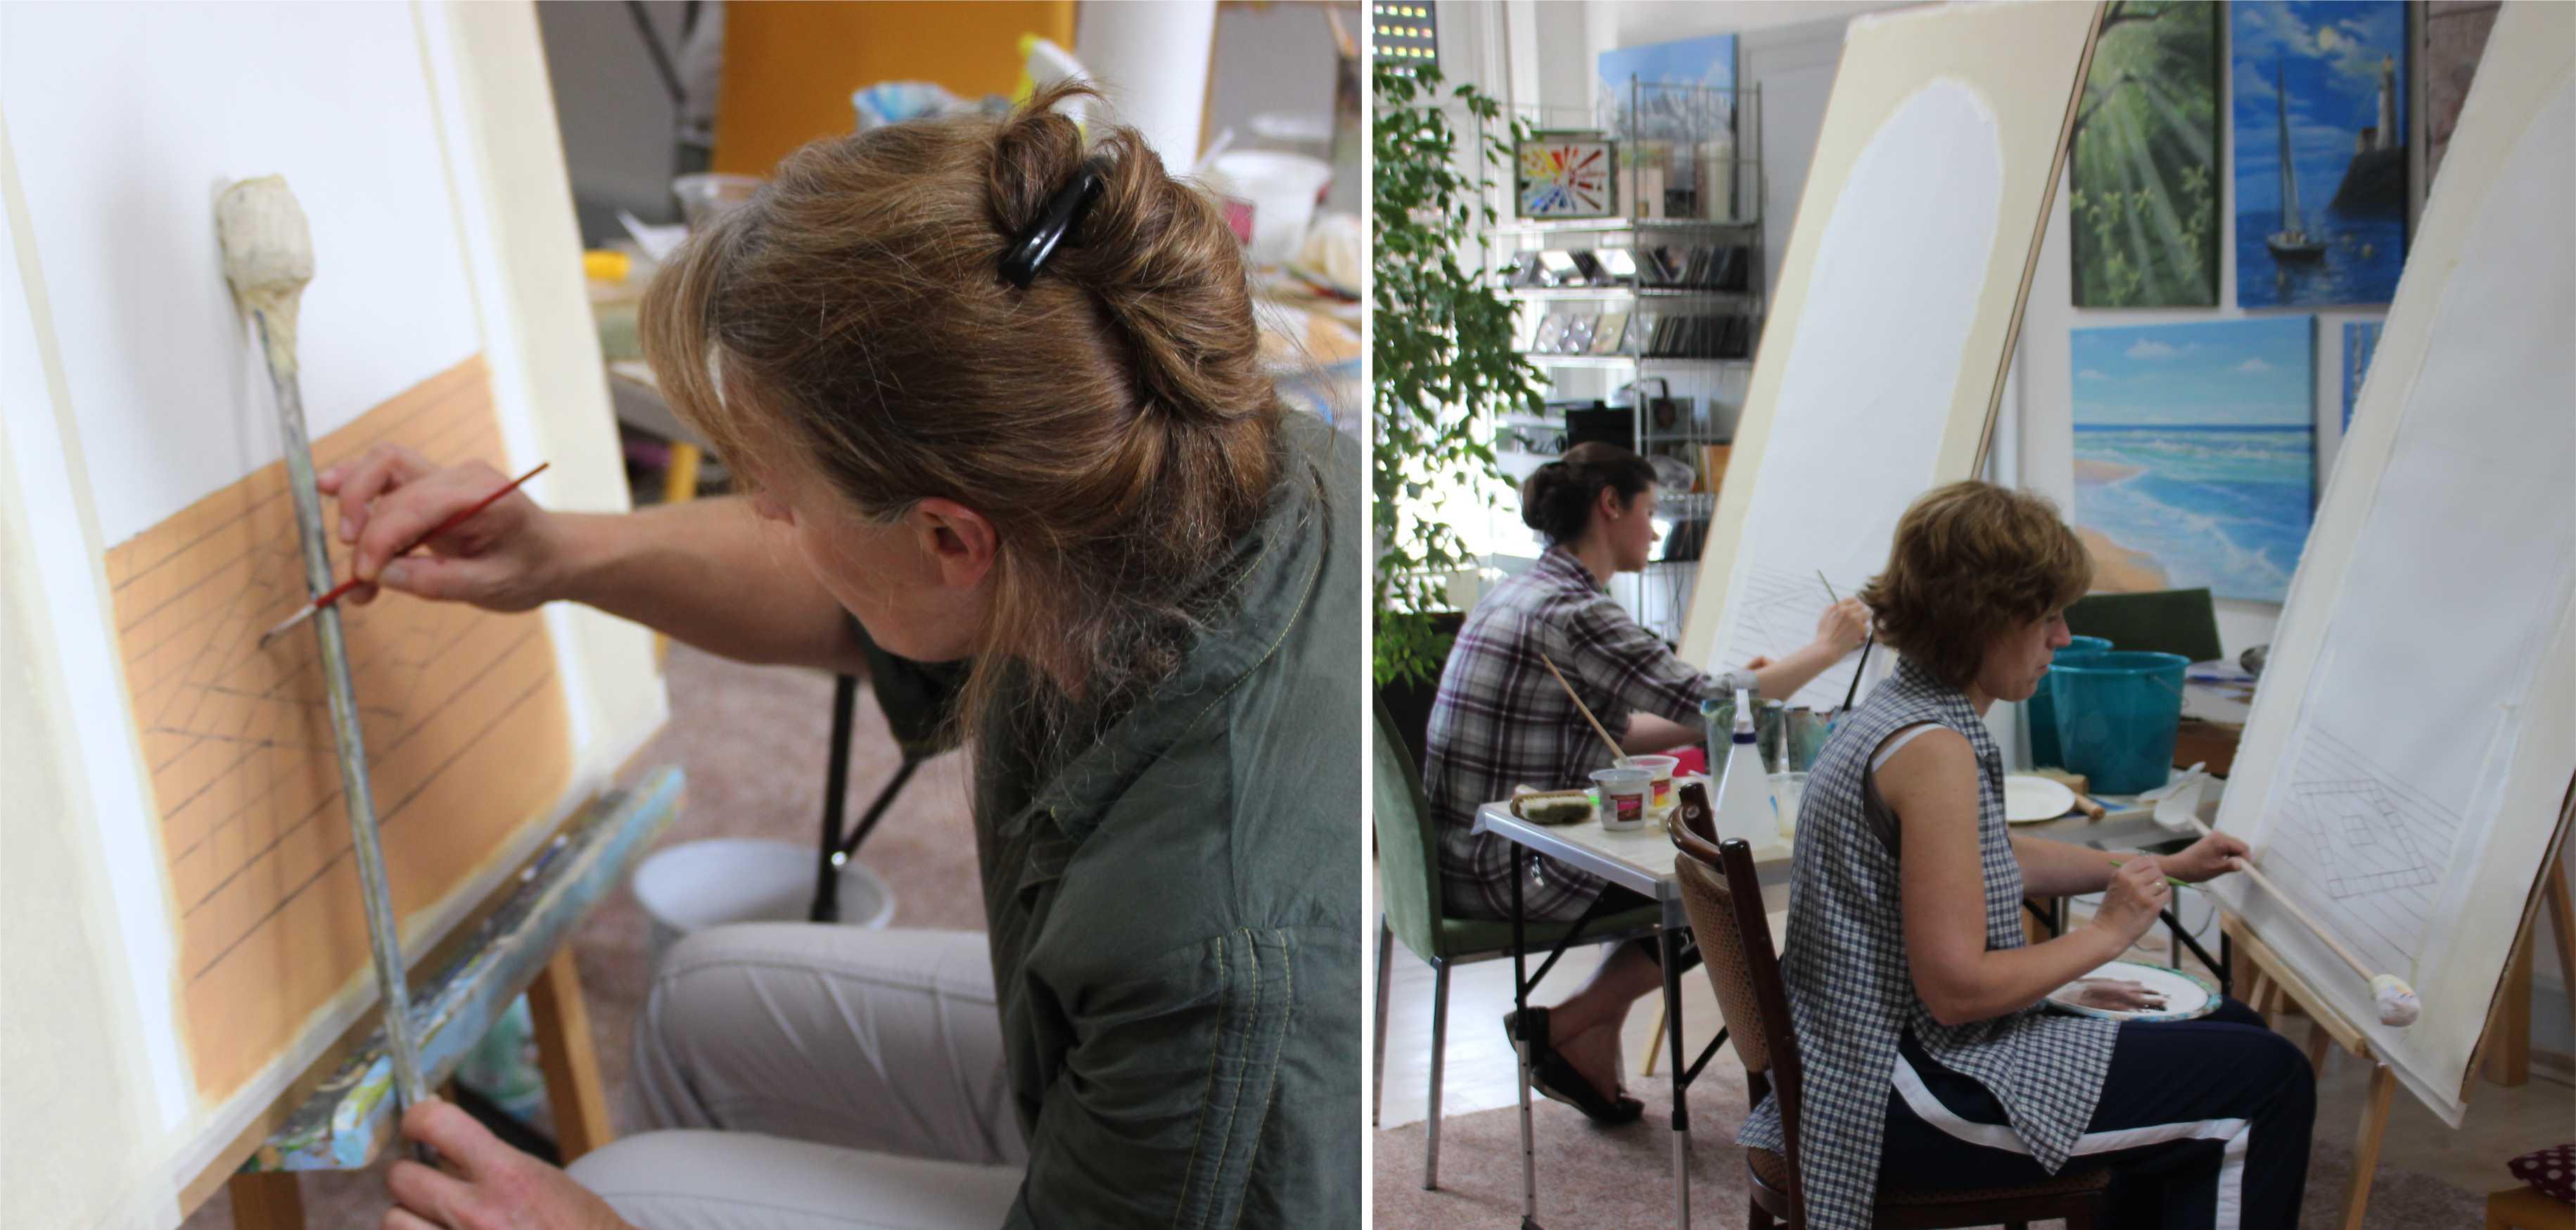 Kurs Trompe l'oeil (Illusionsmalerei) für Künstler, Kunstakademie Wertheim, Akademie für Fotorealismus, Atelier Leoni